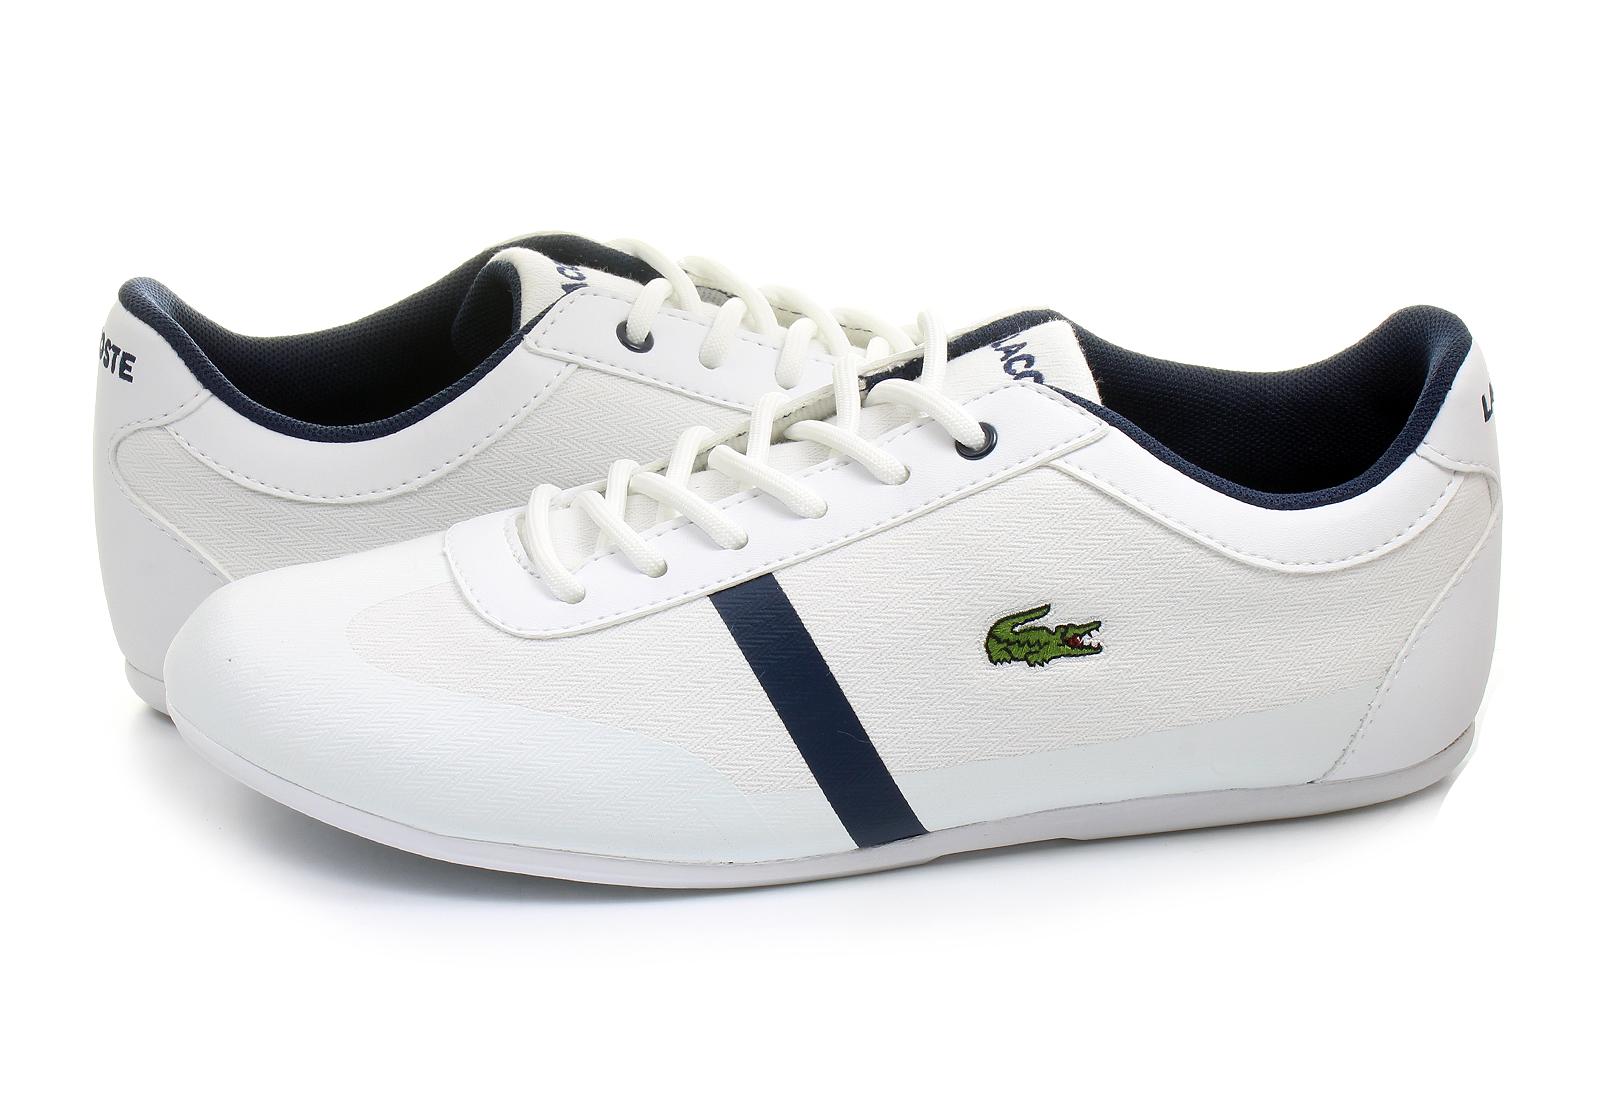 Lacoste Cipő - misano - 171spj0138-001 - Office Shoes Magyarország 44297a7eeb